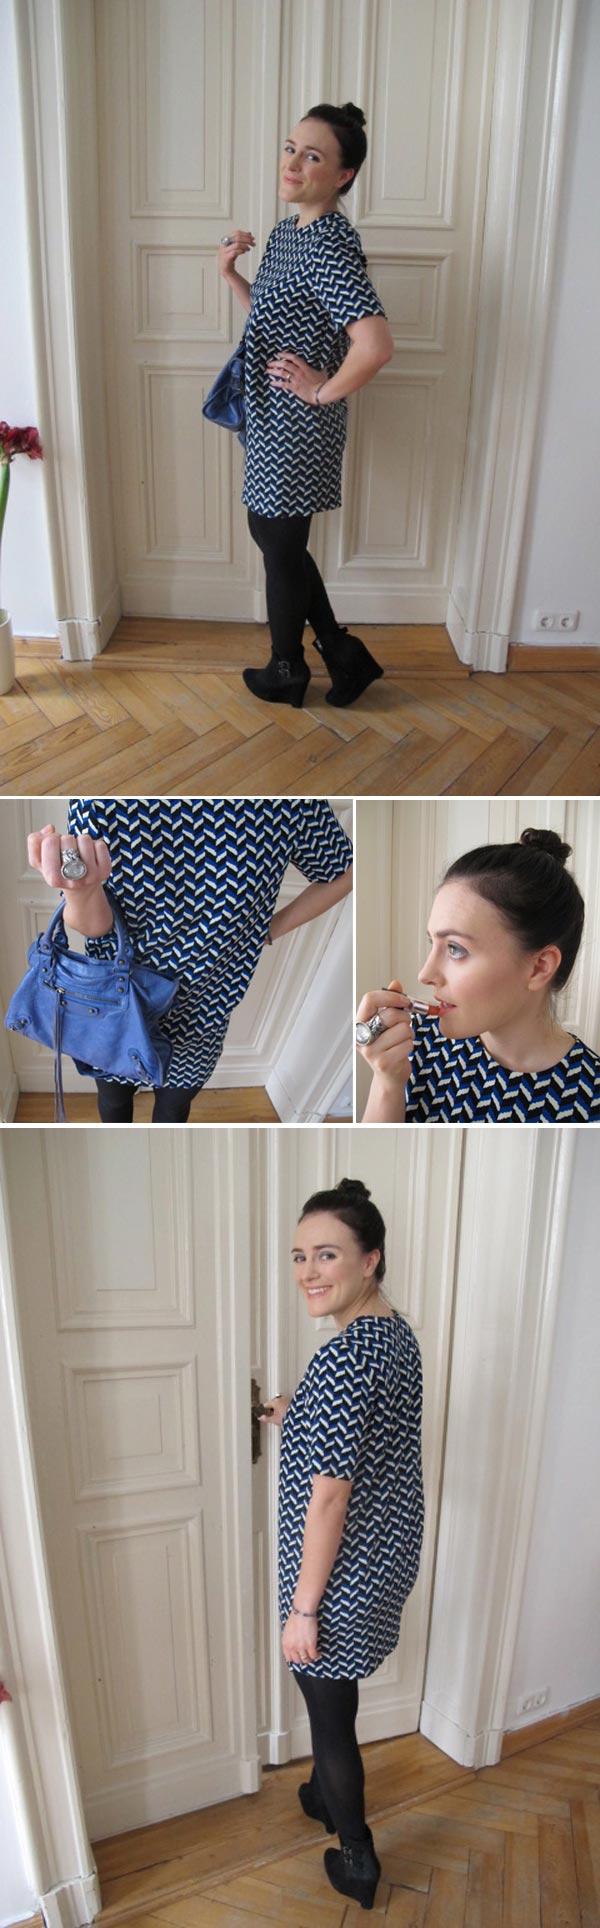 Kleid von Zara, Tasche von Balenciaga, Schuhe von the Kooples